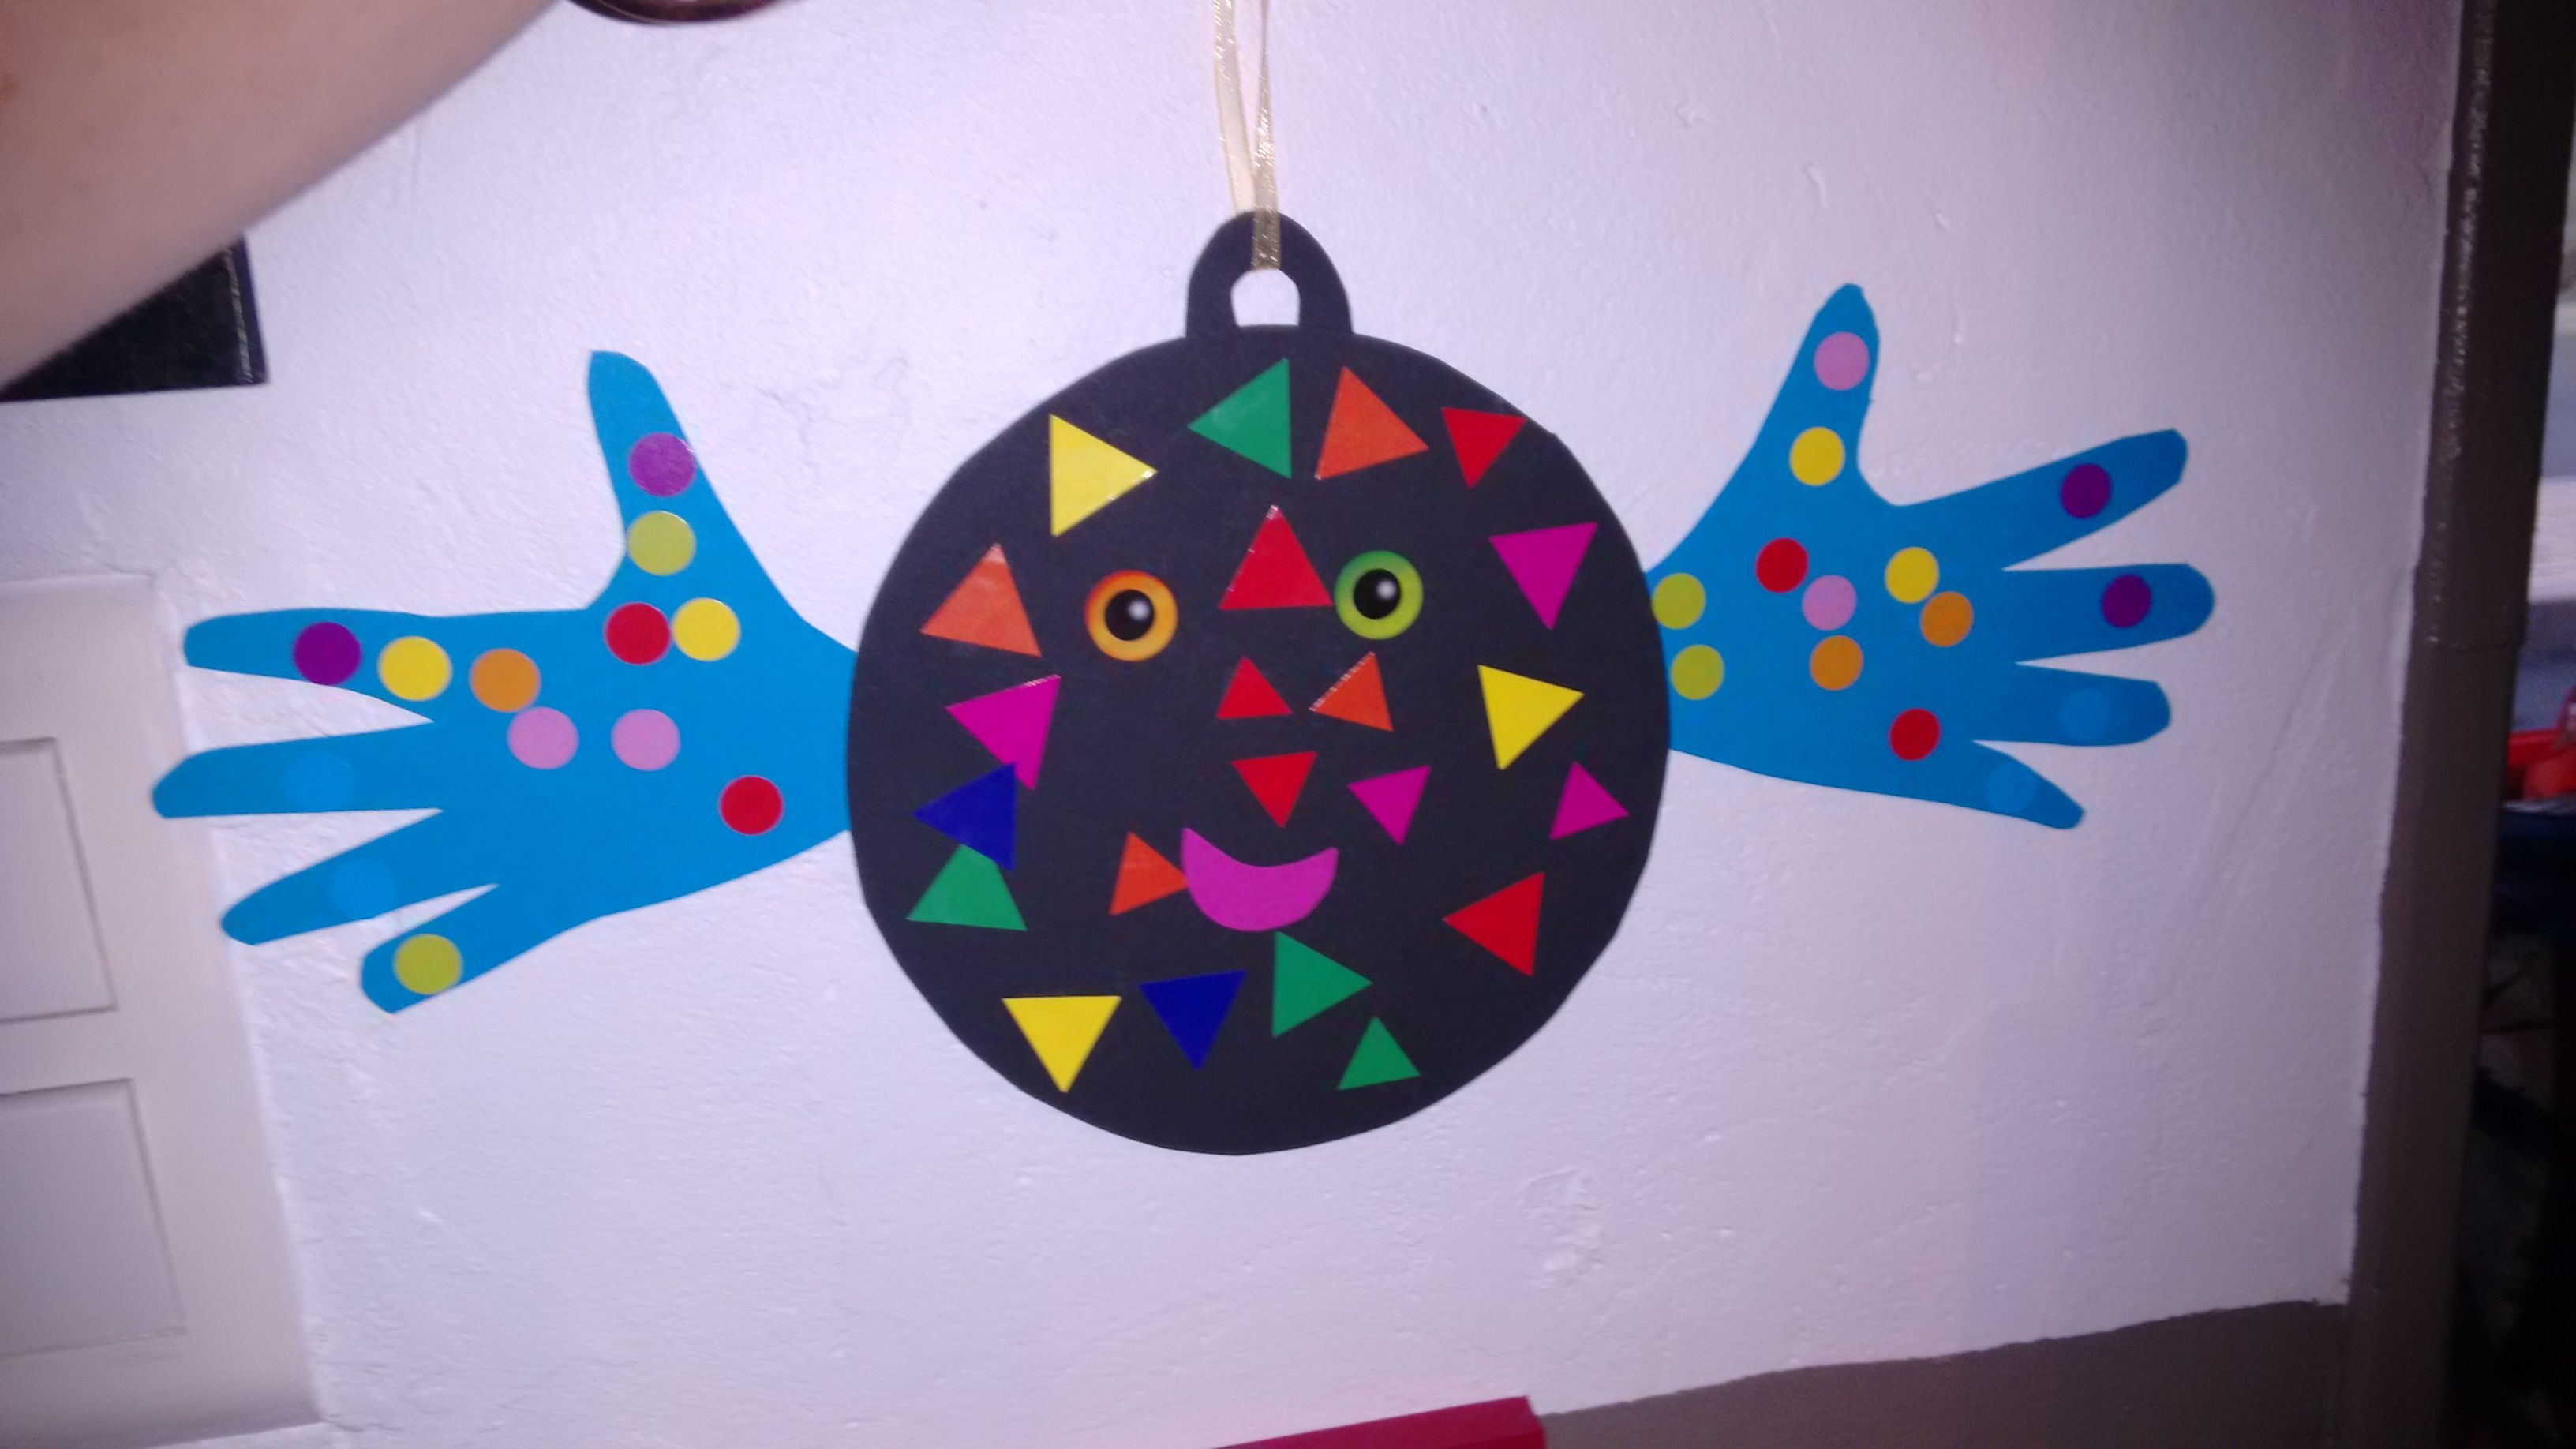 Activité Manuelle Noël tout boulle de noël : activité manuelle pour enfant très simple et